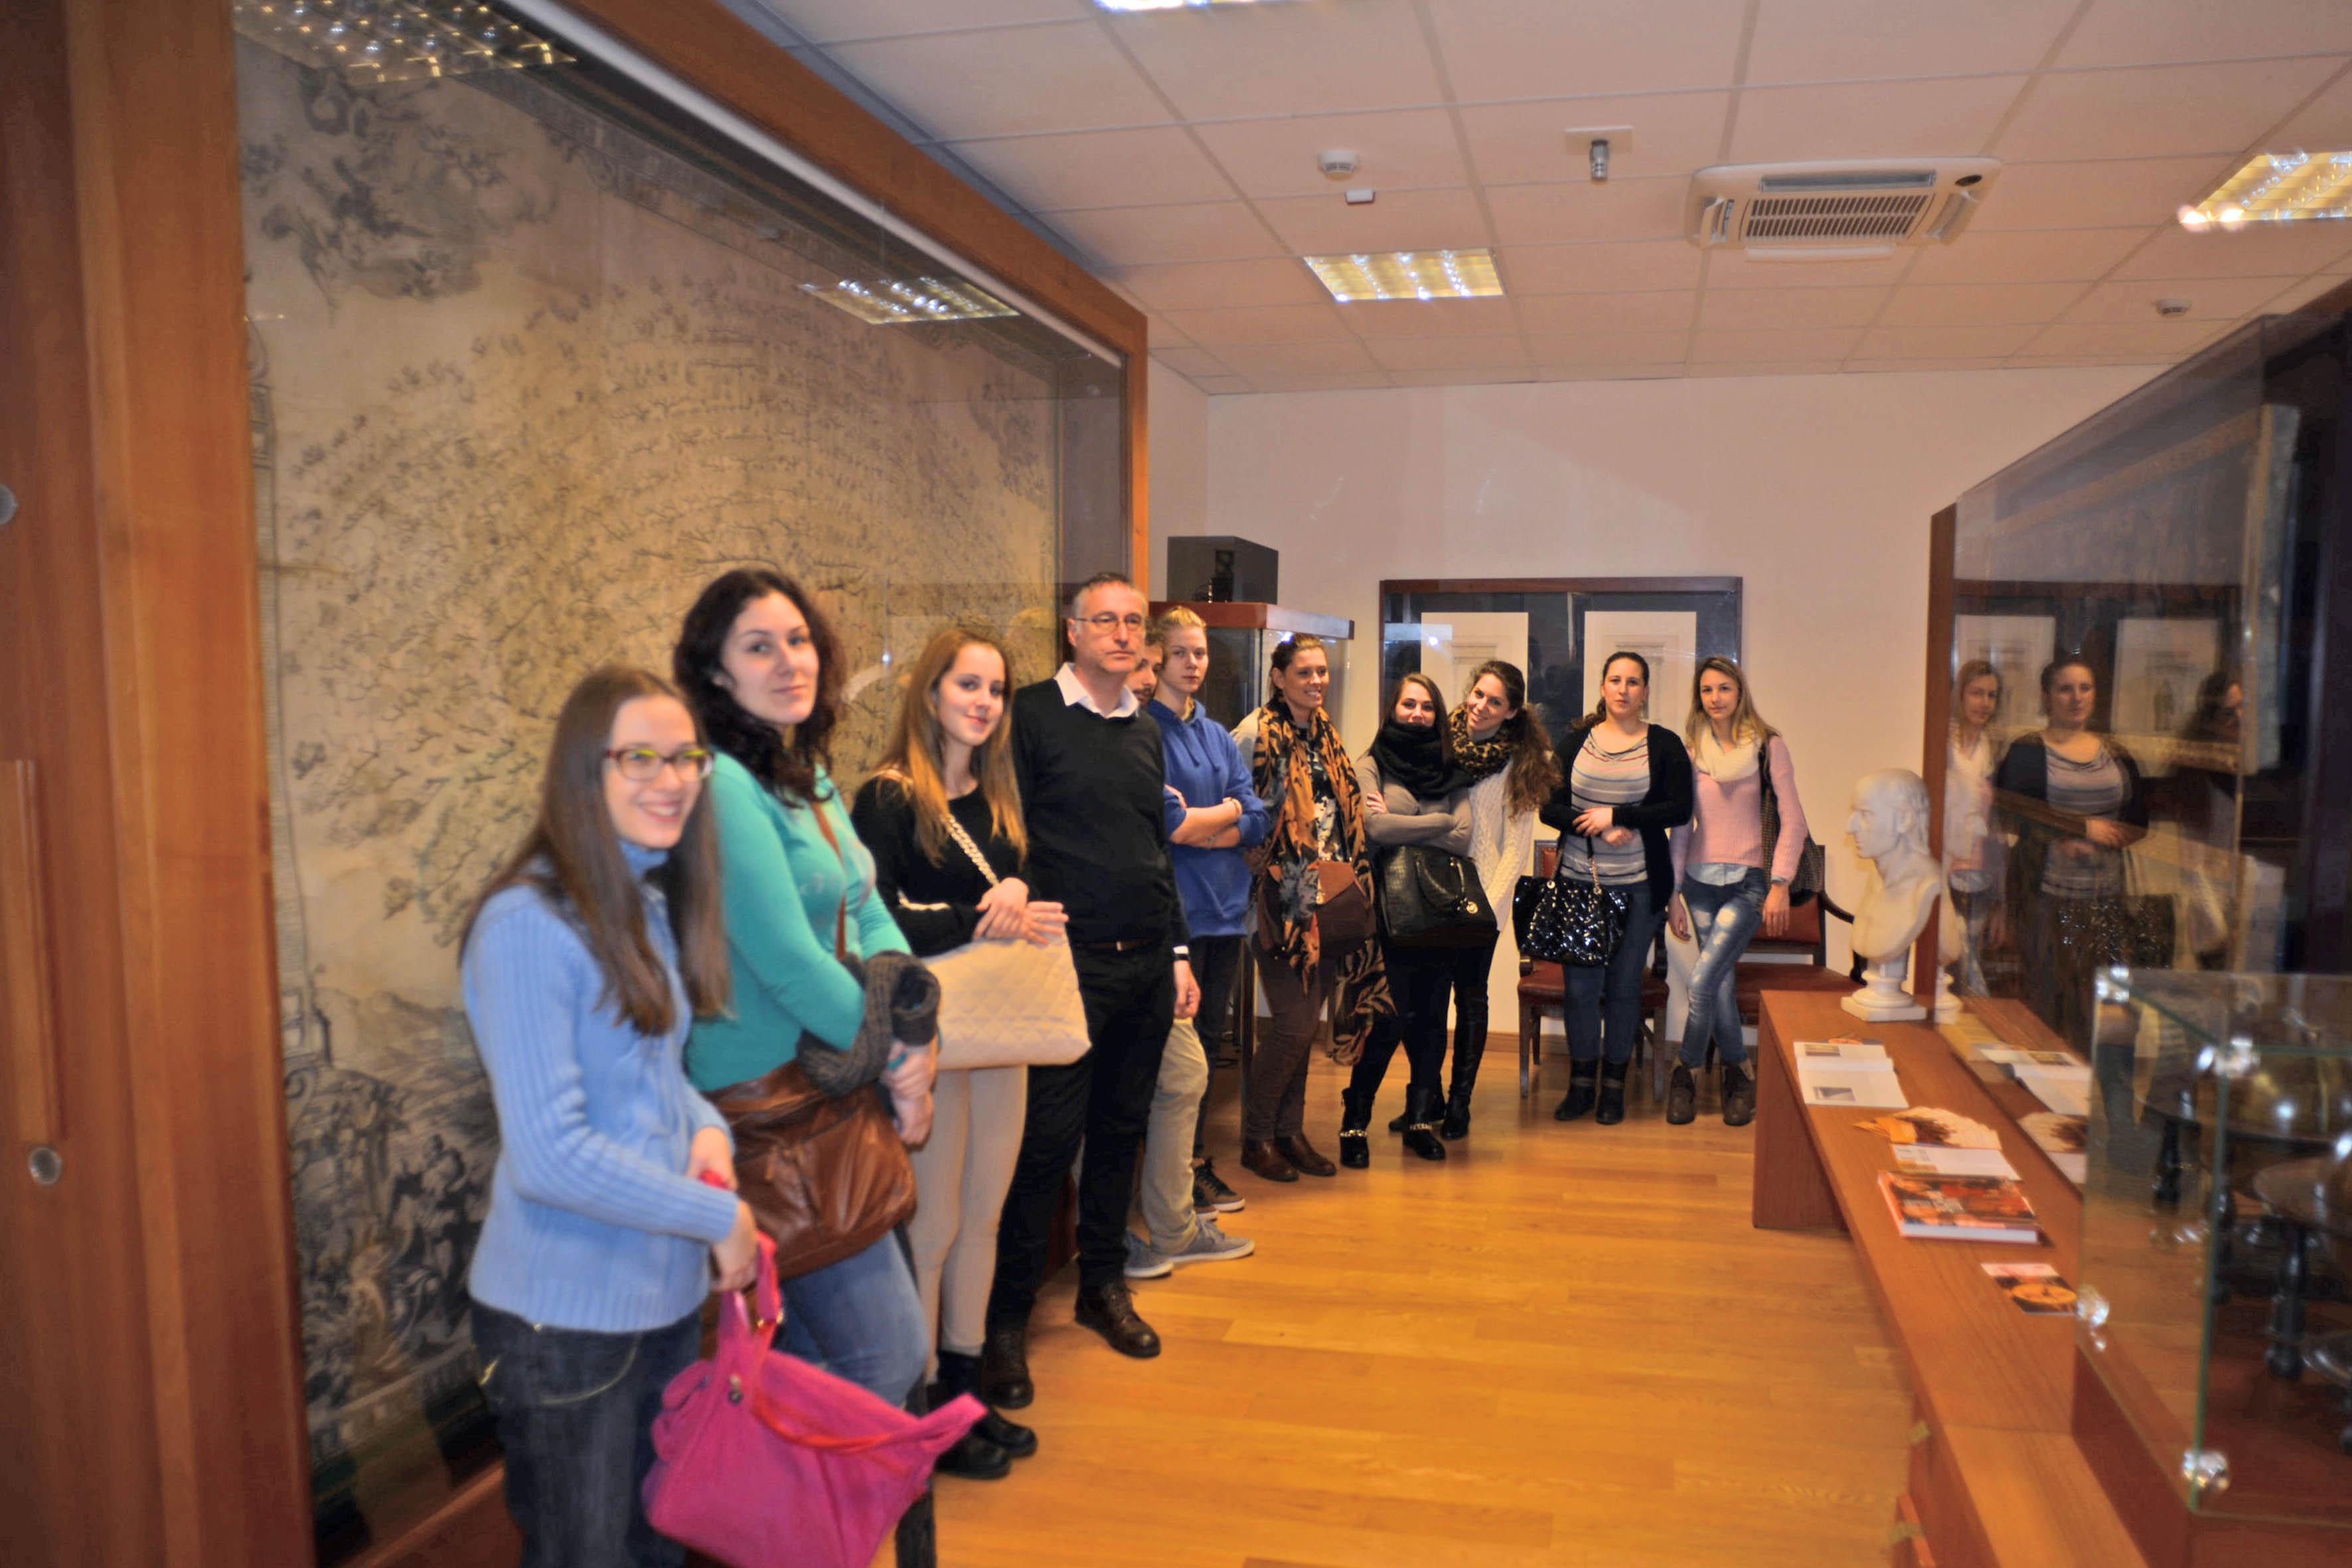 Nella foto gli studenti del Dipartimento di Italianistica dell'Università di Pola in visita al Museo il 22 gennaio.